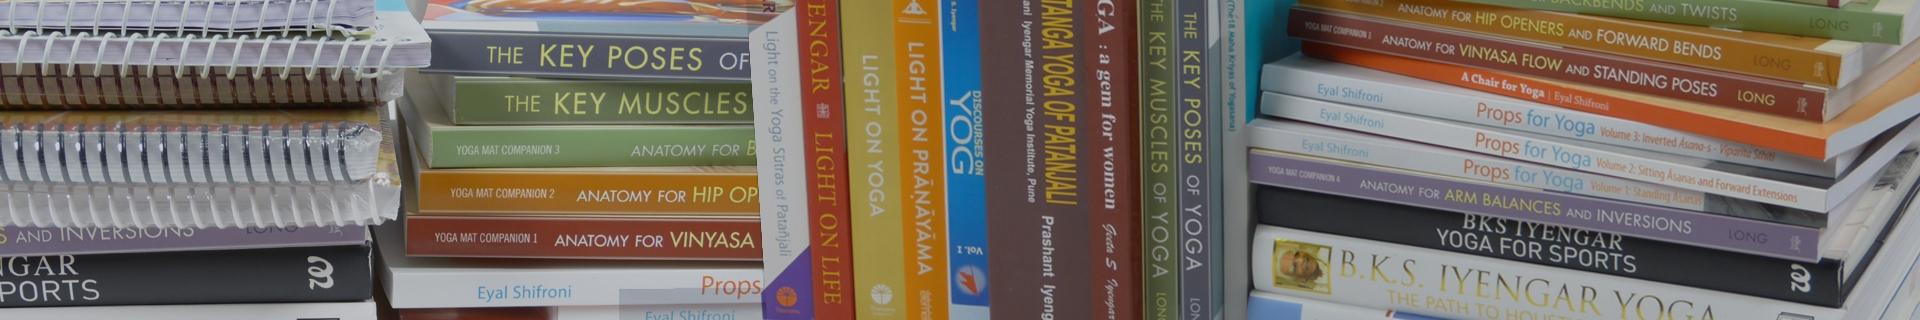 Iyengar Institute Books